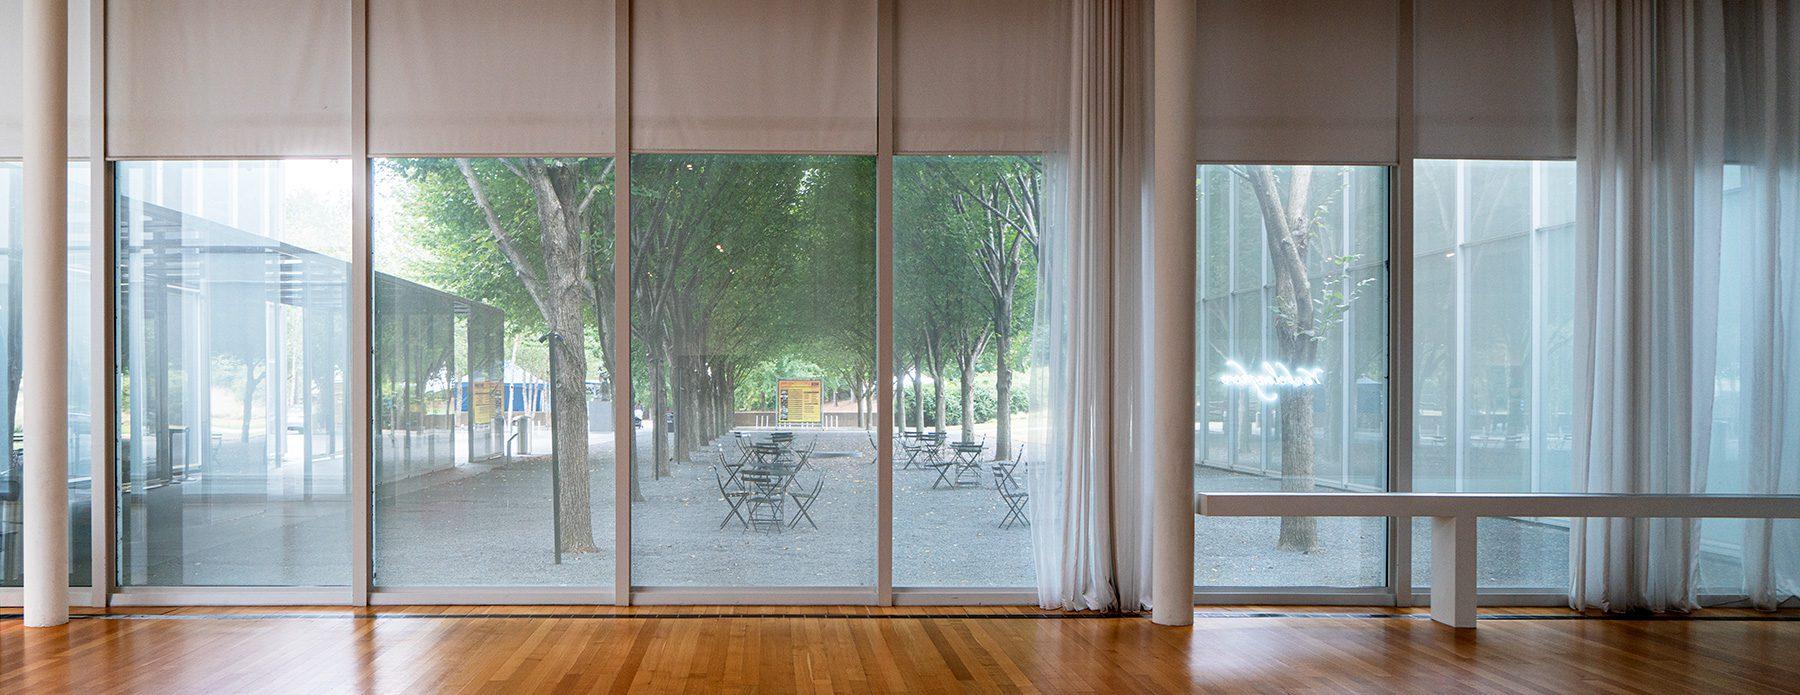 Blick aus dem Fenster im Raleigh Art Museum